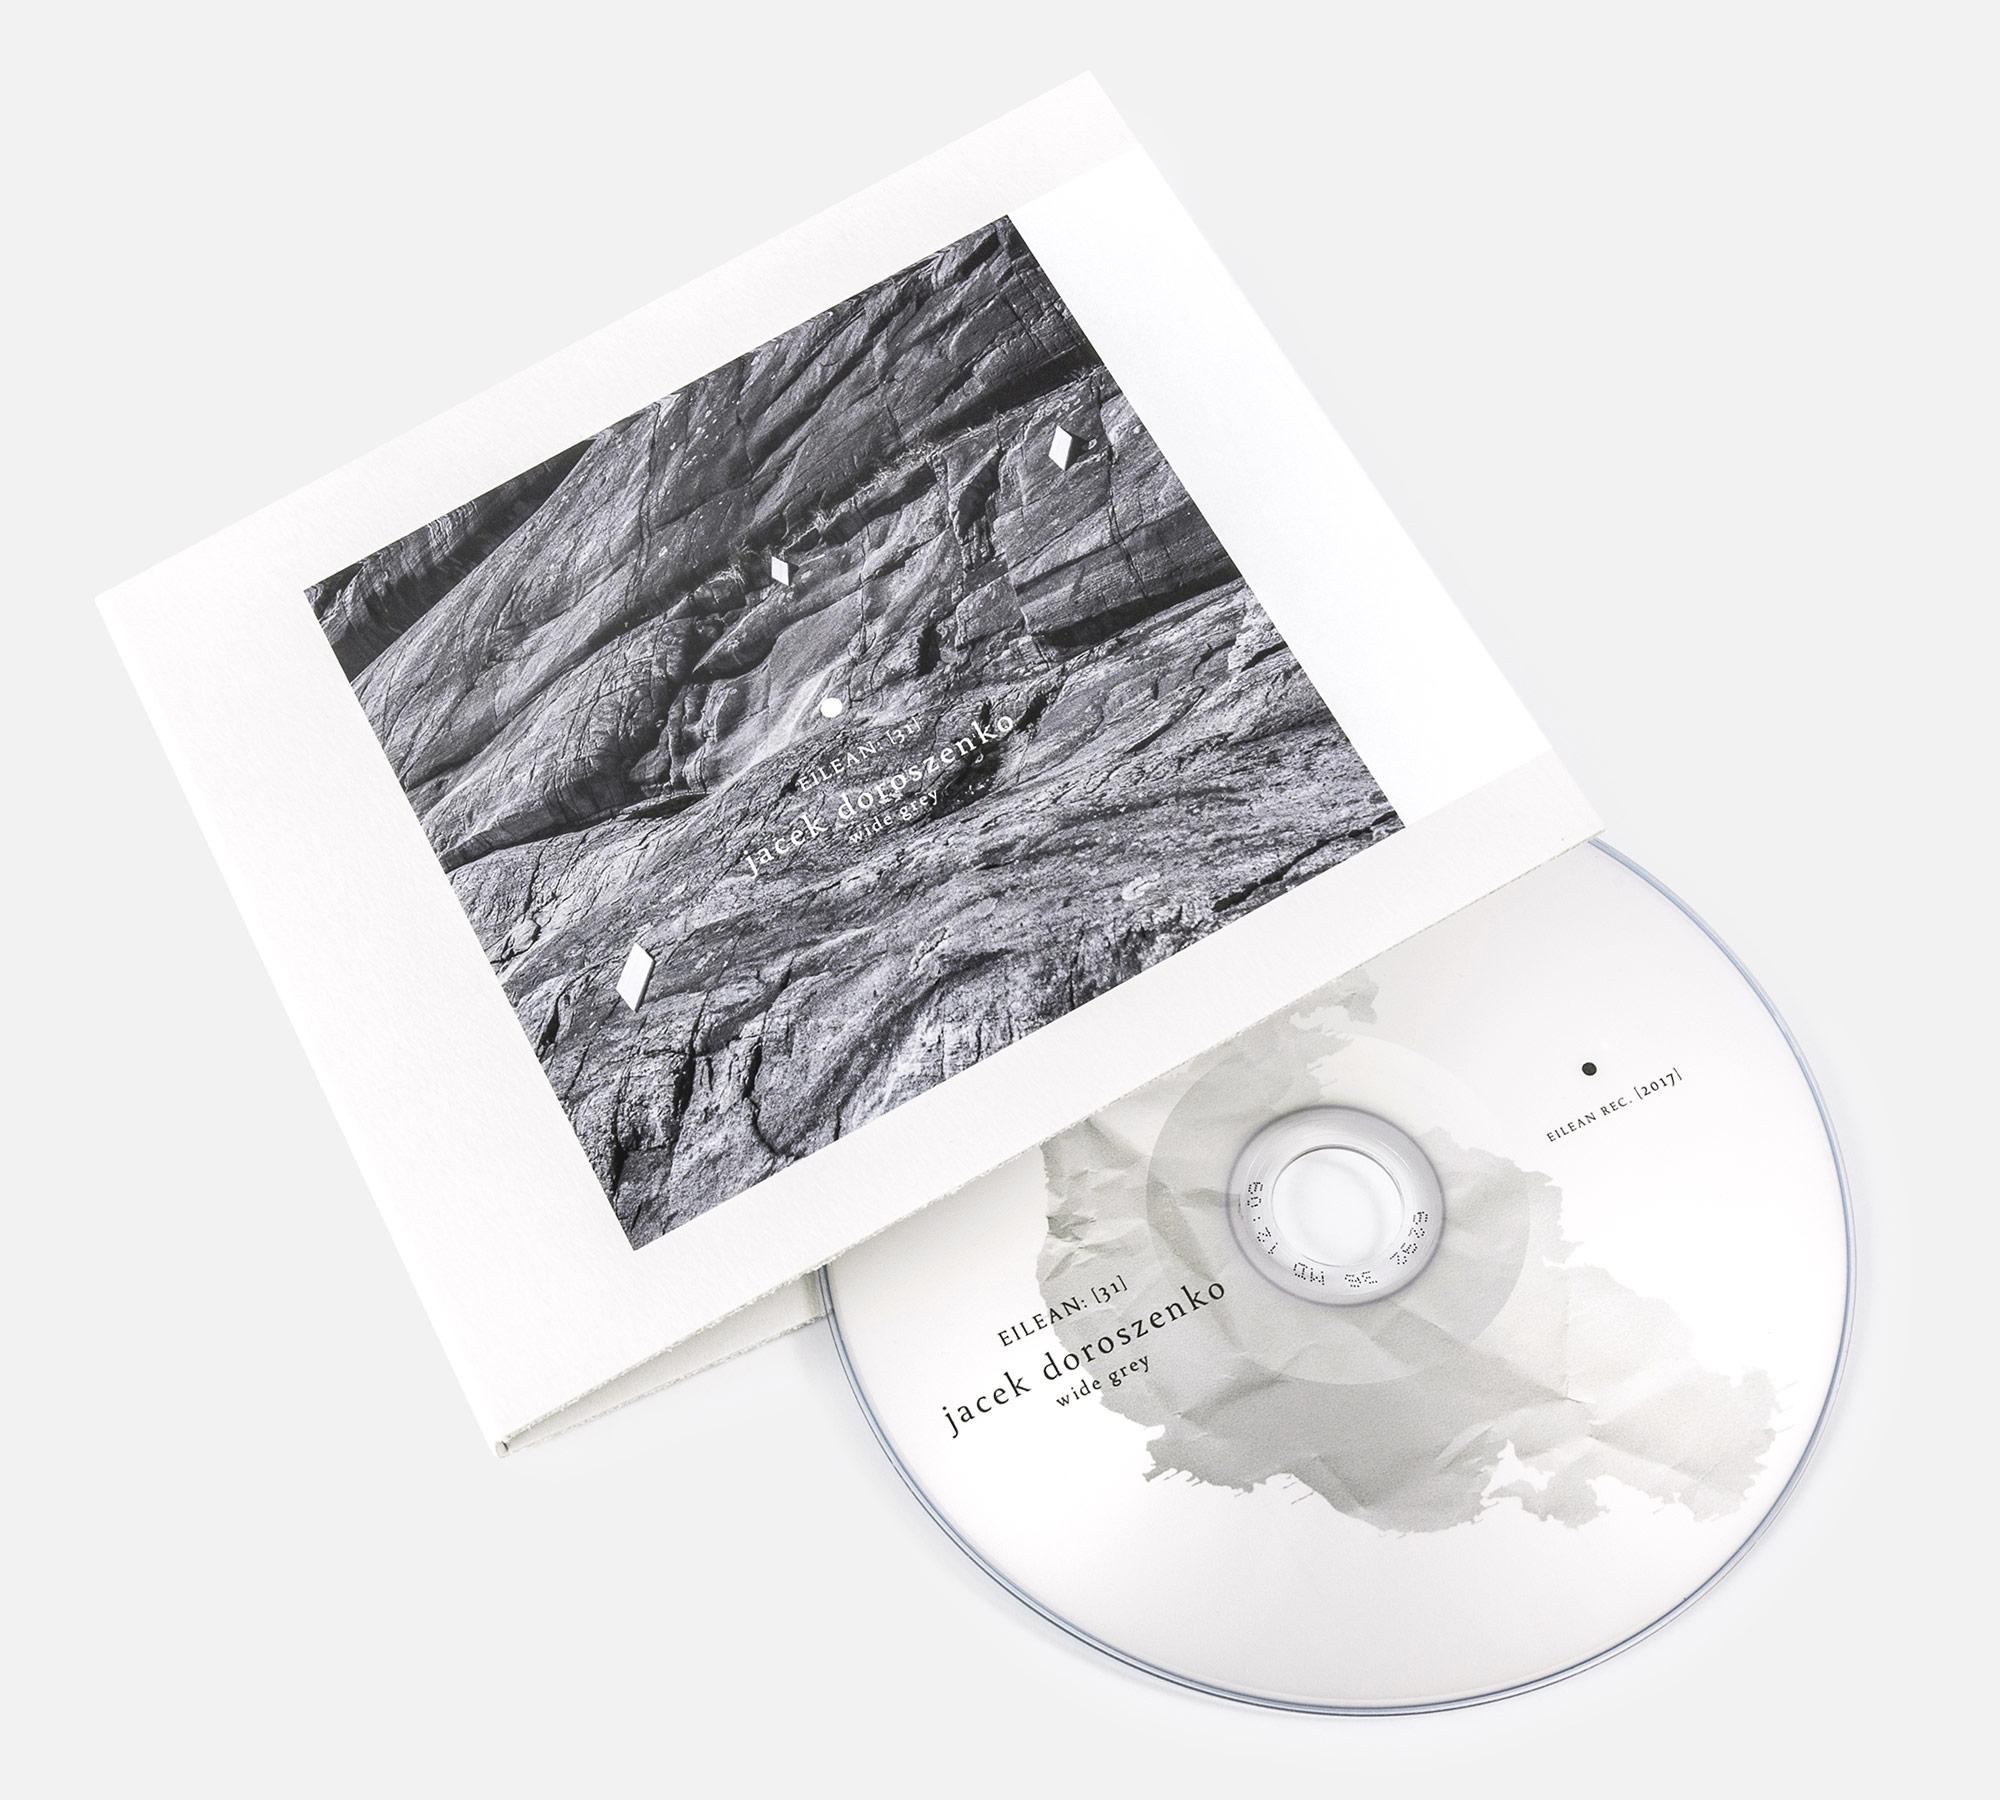 Jacek Doroszenko - Wide Grey, Eilean Records, album detail 1